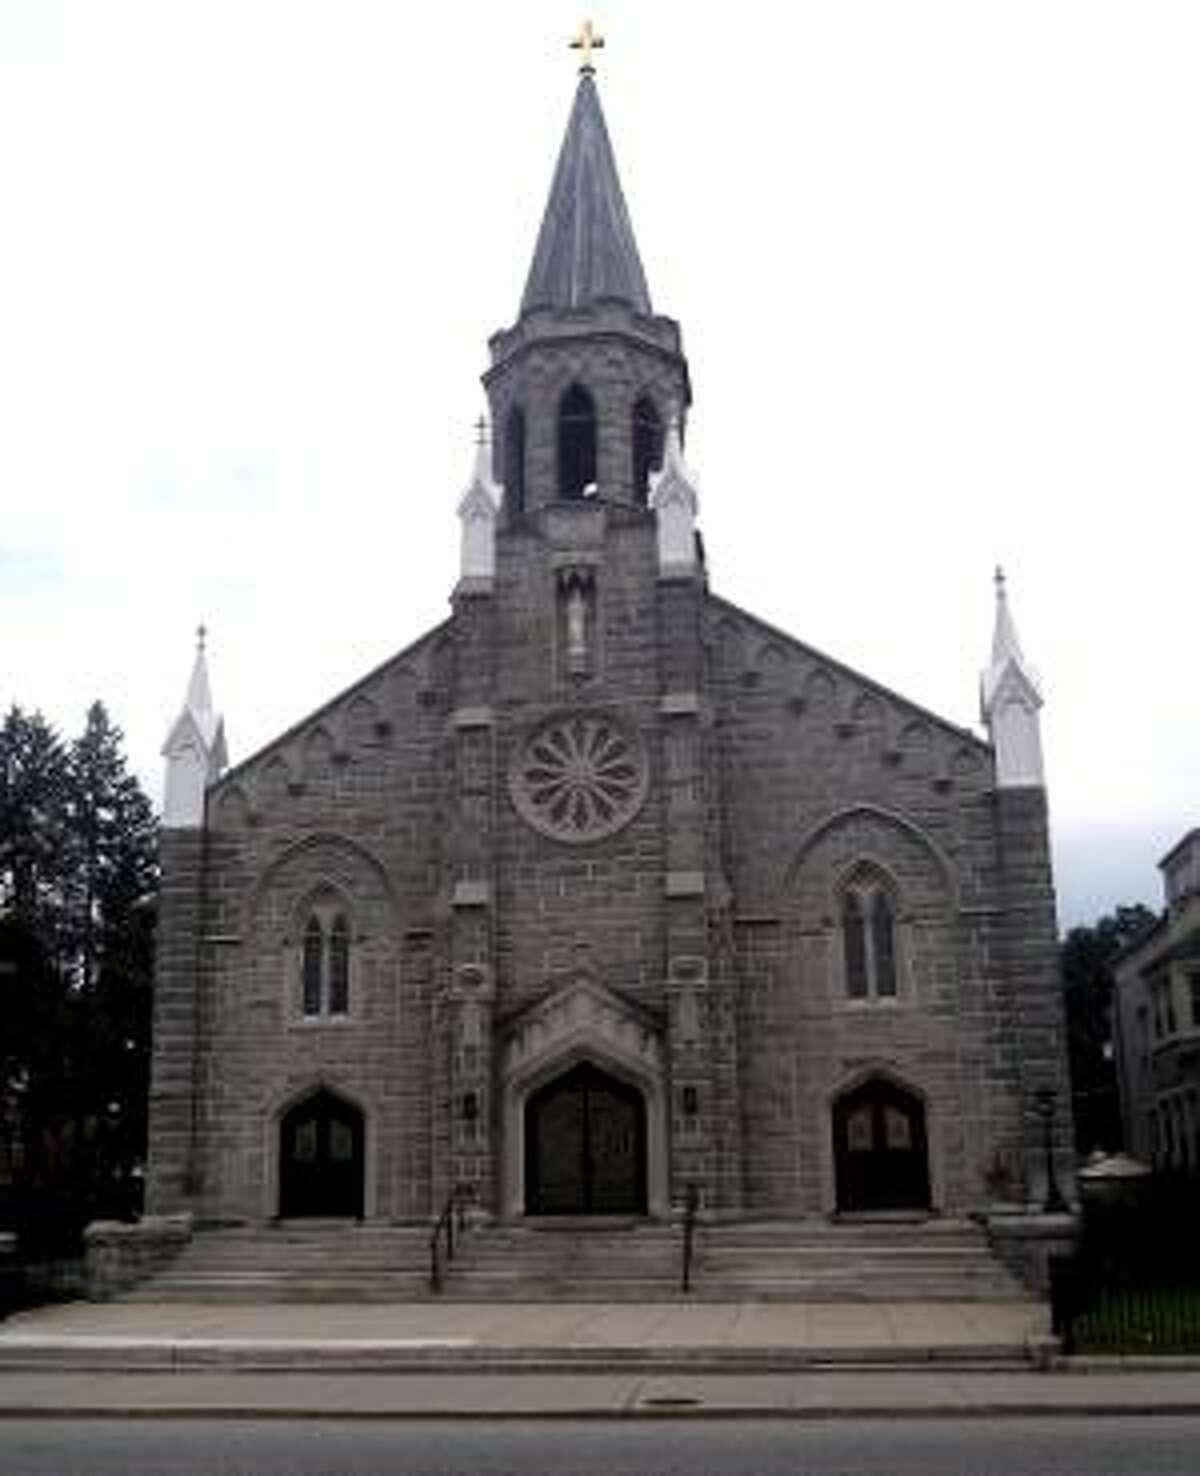 St. Peter's Church on East Main Street in Torrington.